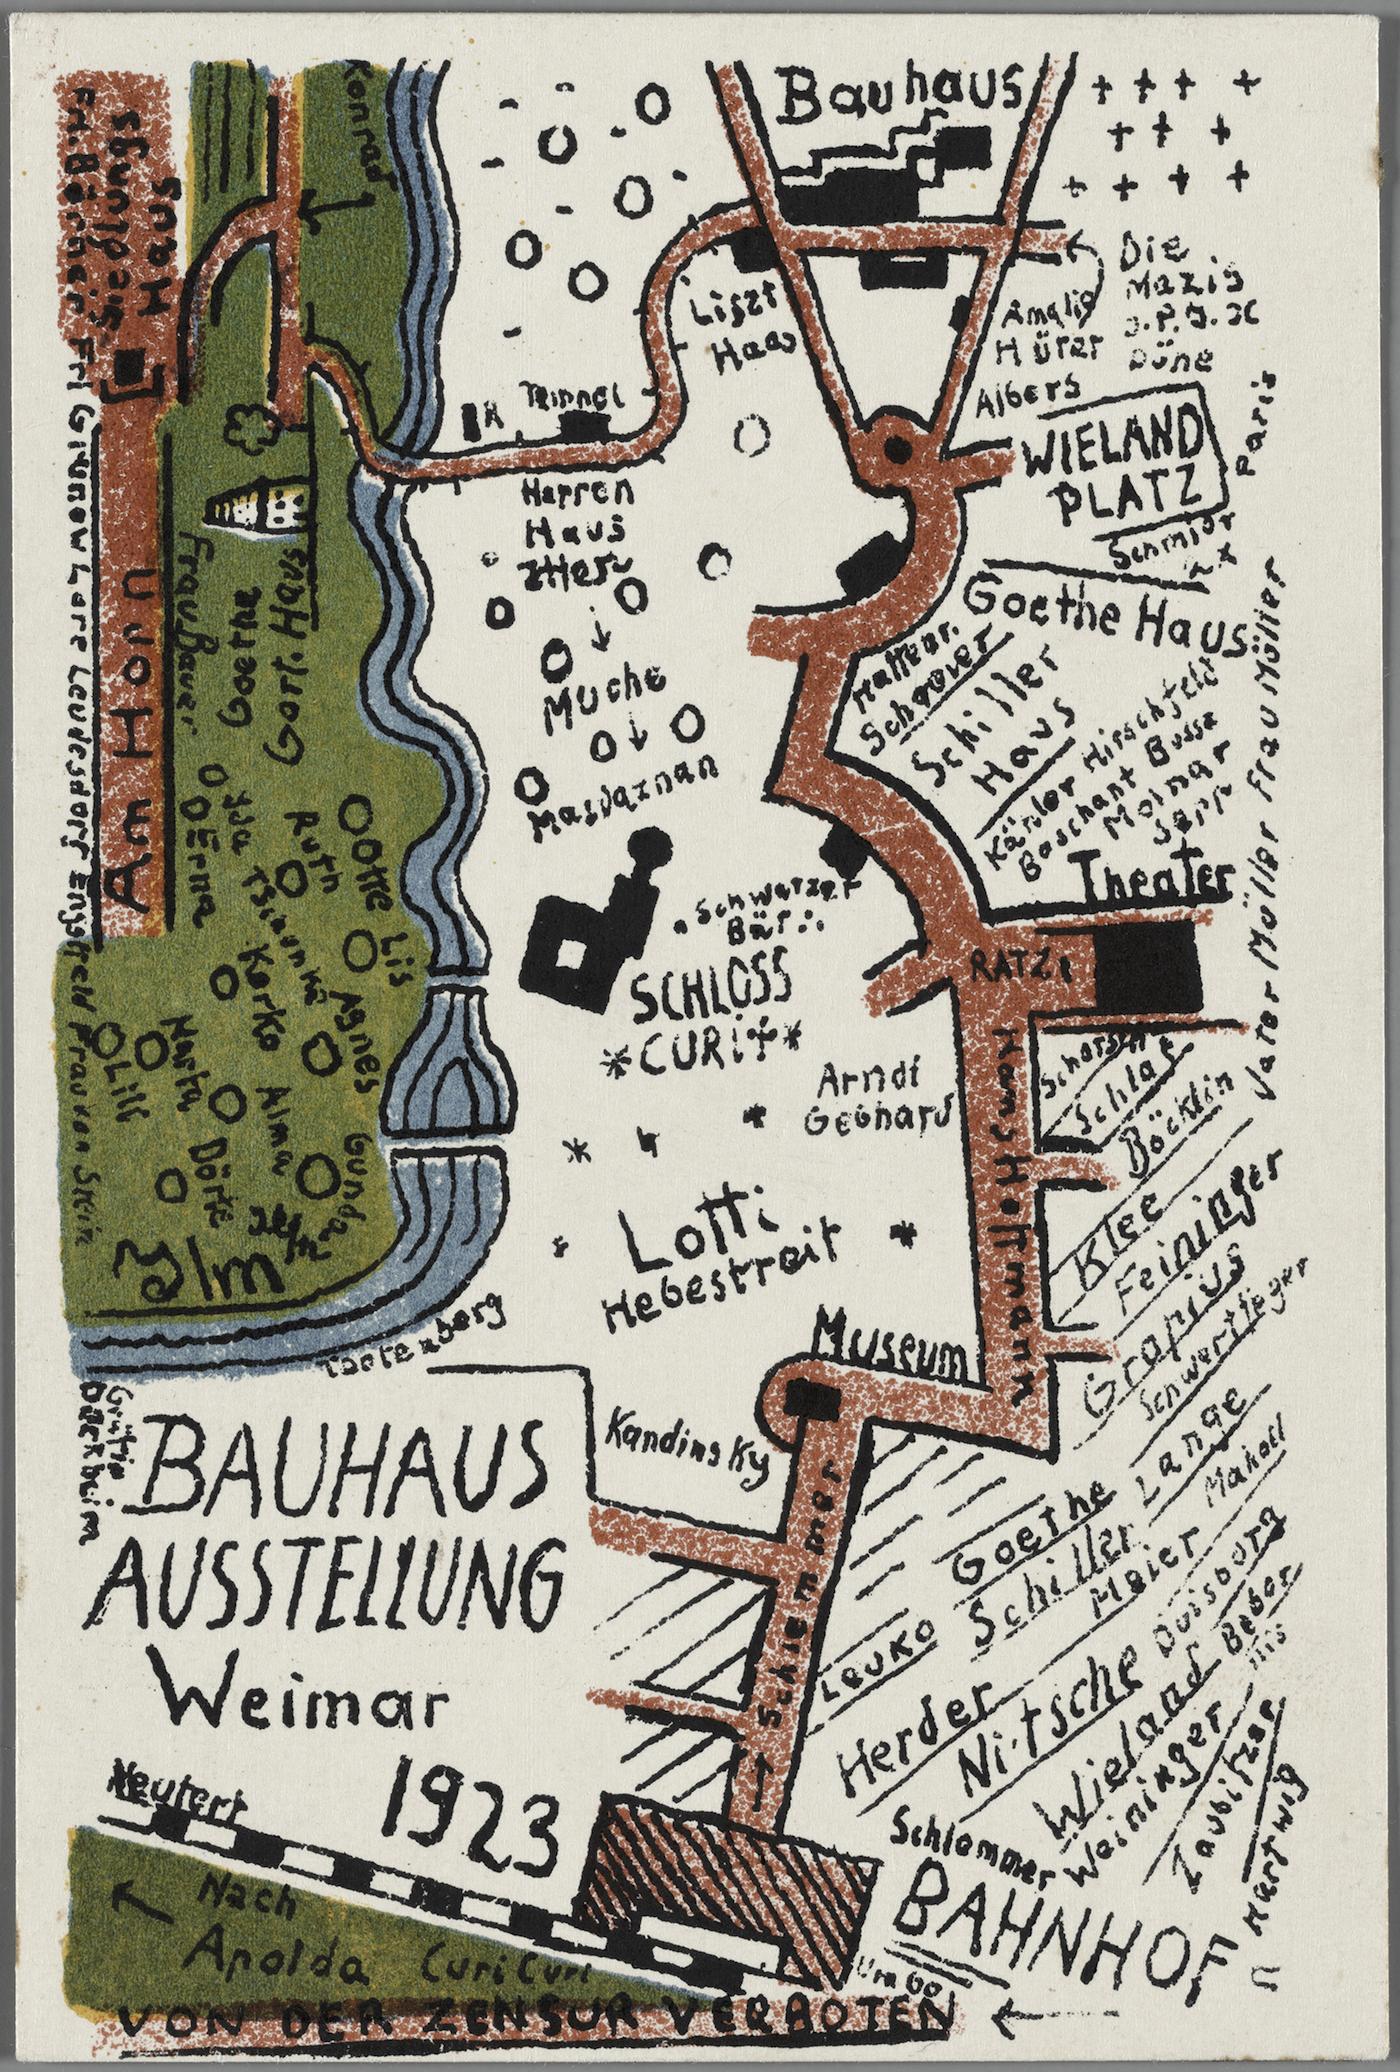 Schmidt_Bauhaus Postcard 19_BR49.640_758138_PR